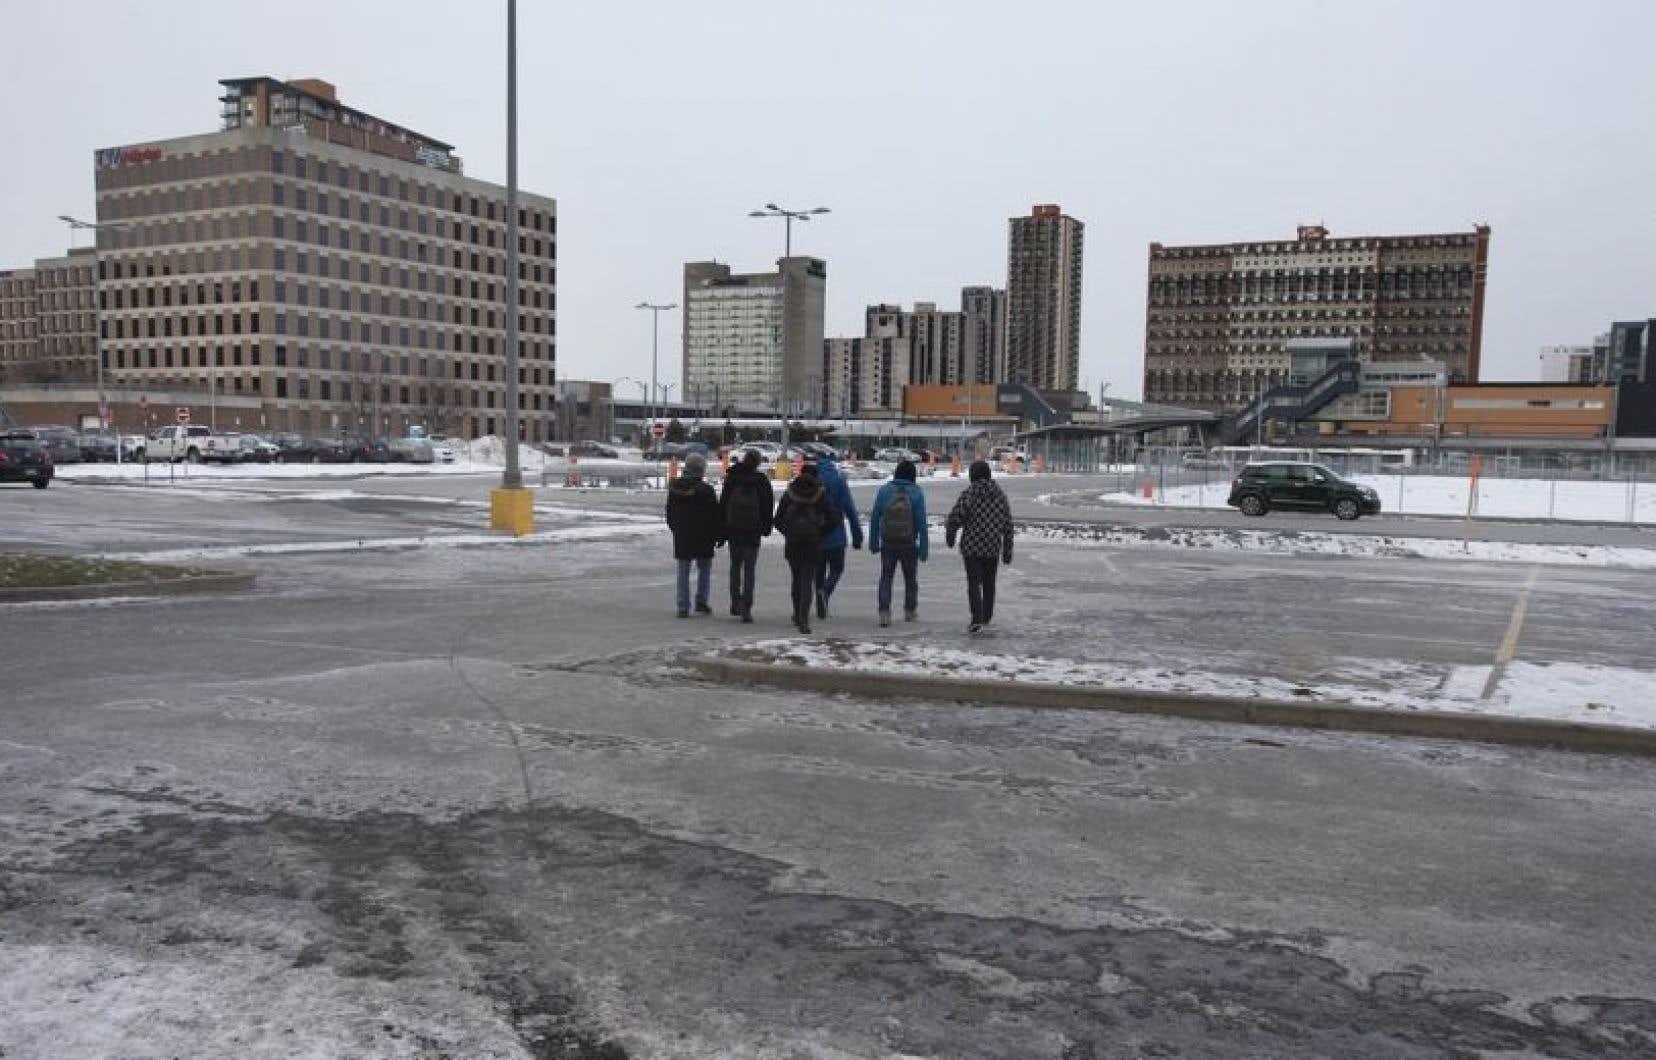 La Ville de Longueuil, qui gère les stationnements incitatifs entourant la station de métro, estime que la construction de la tour SSQ entraînera la disparation de près de la moitié des quelque 400 cases du P1.